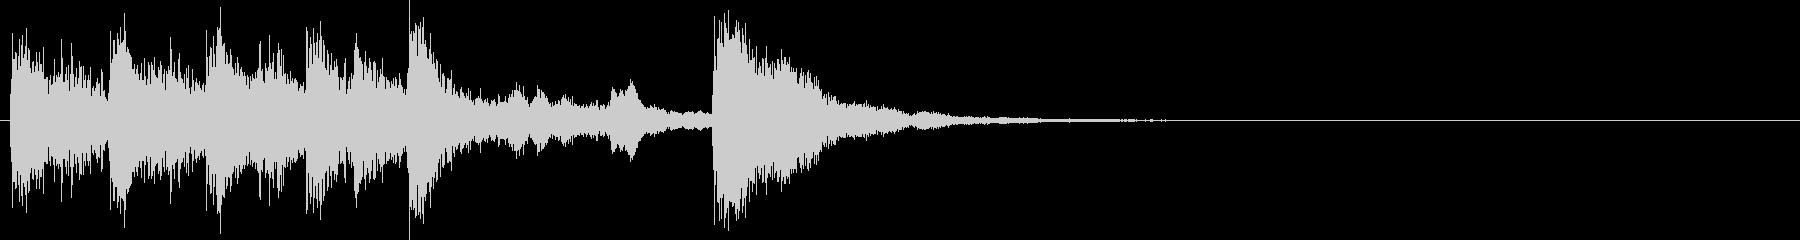 ティンパニが映えるレベルアップジングルの未再生の波形